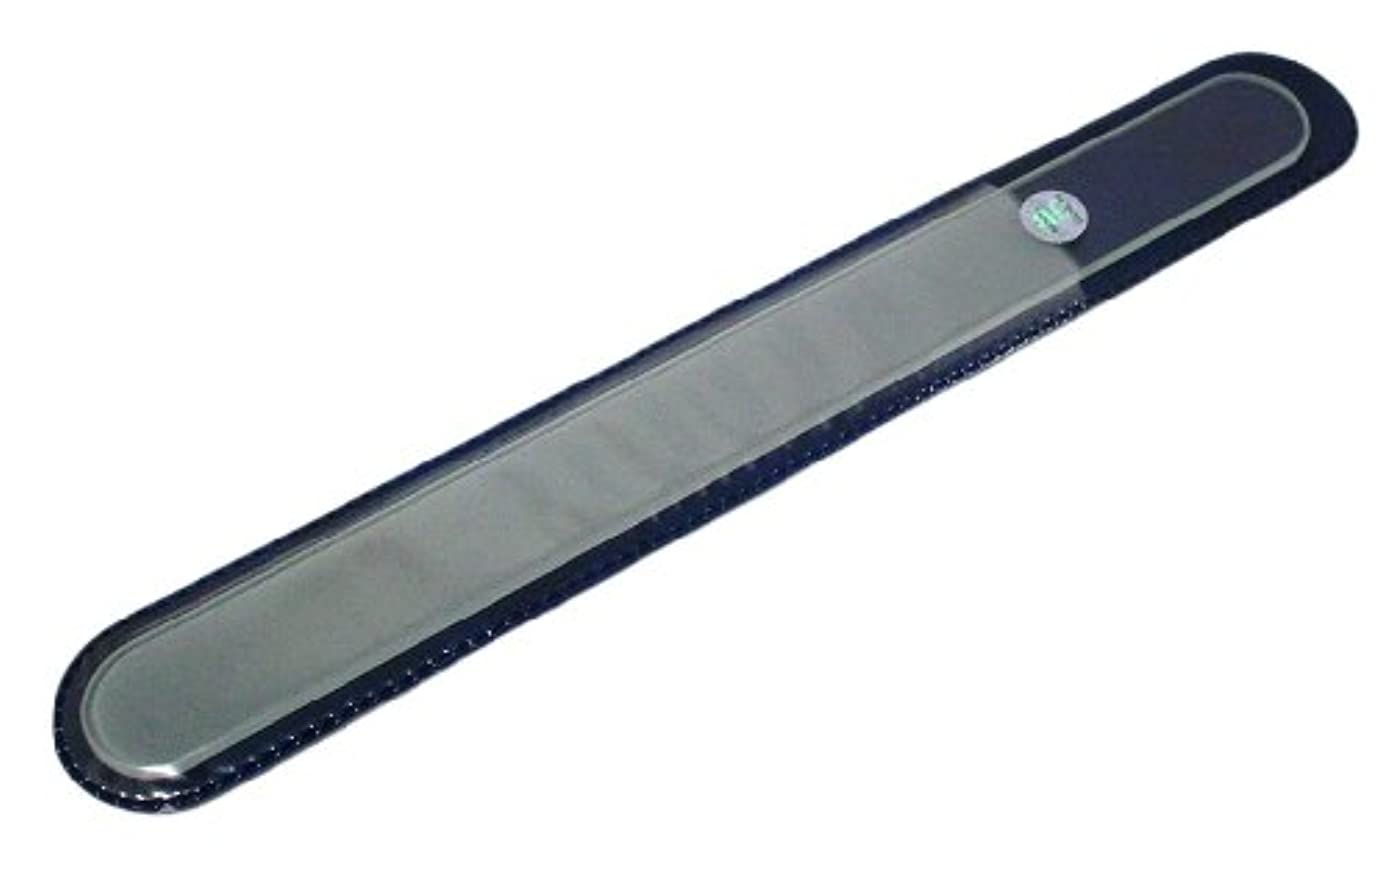 インタビュー実装する統計BLAZEK(ブラジェク) ガラスやすり(爪?かかと用) プレーン Lサイズ200mm